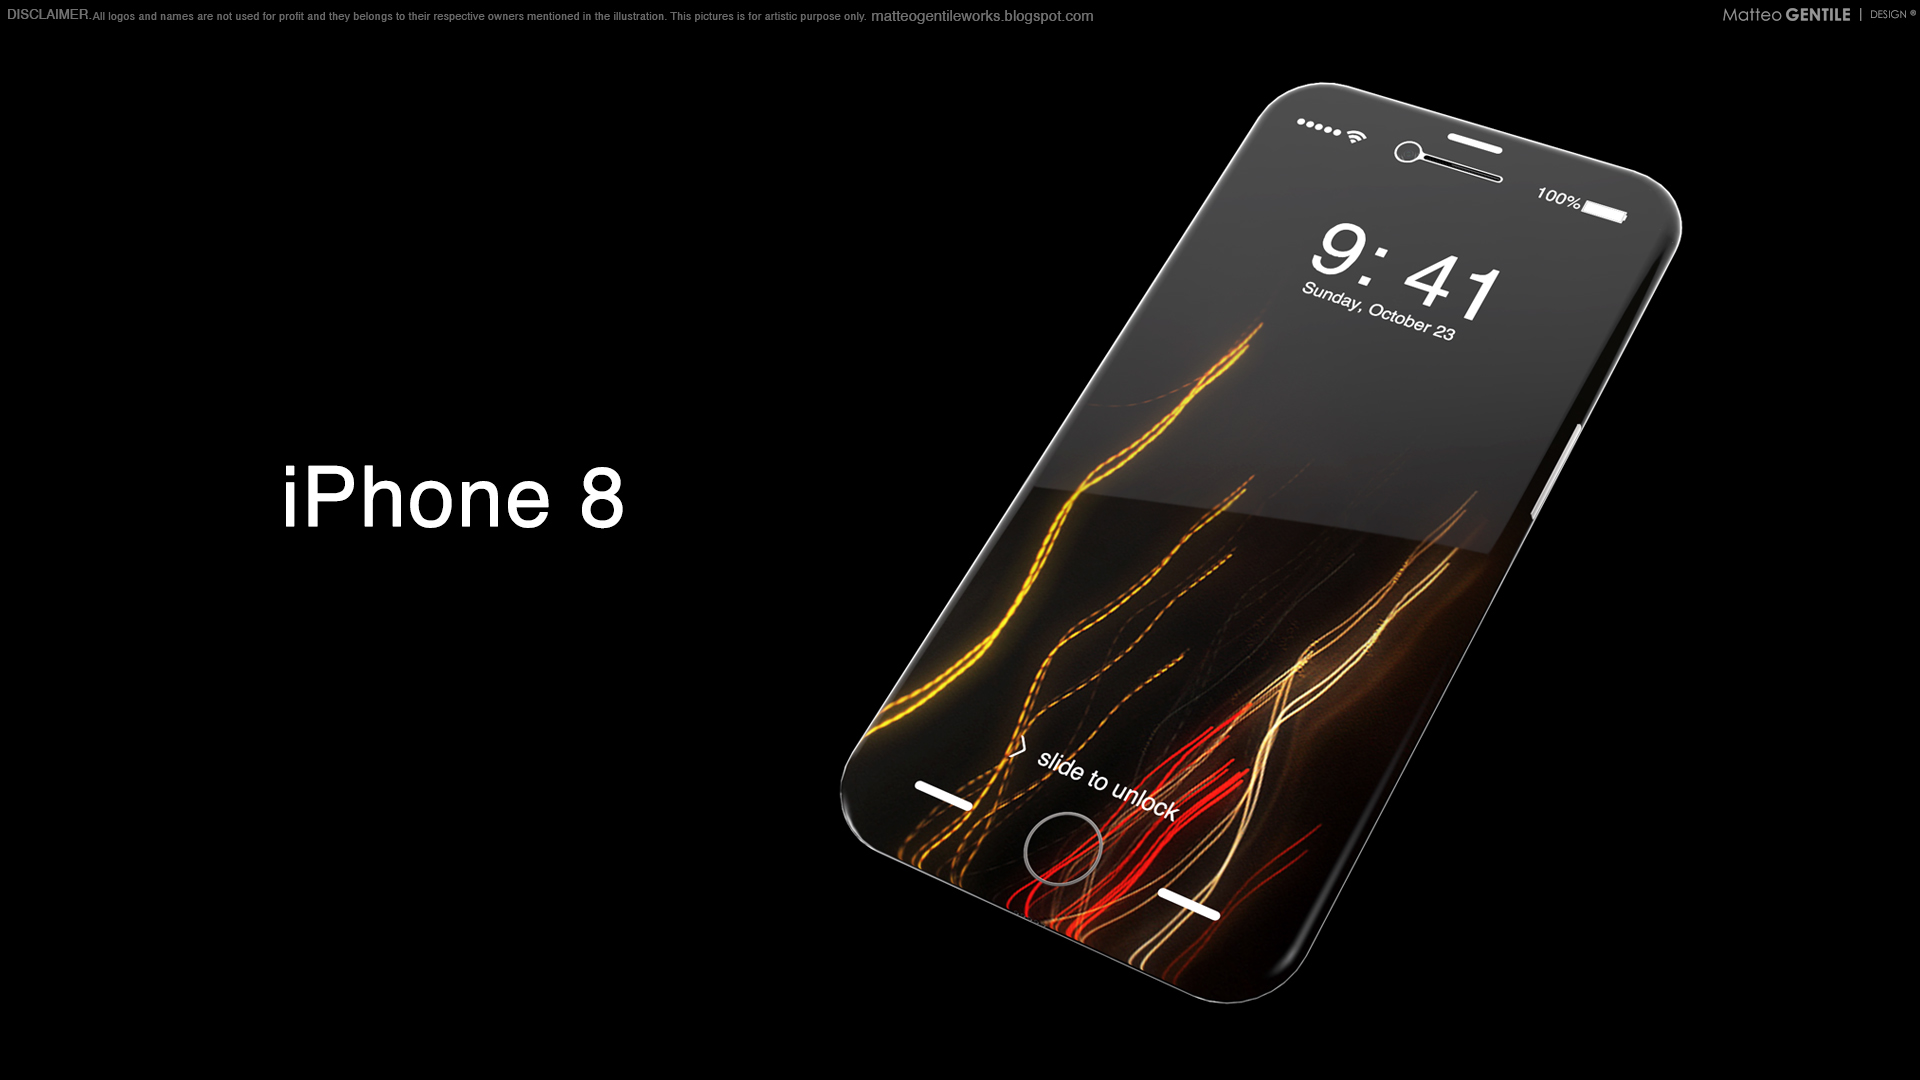 iphone-8-concept-design-5